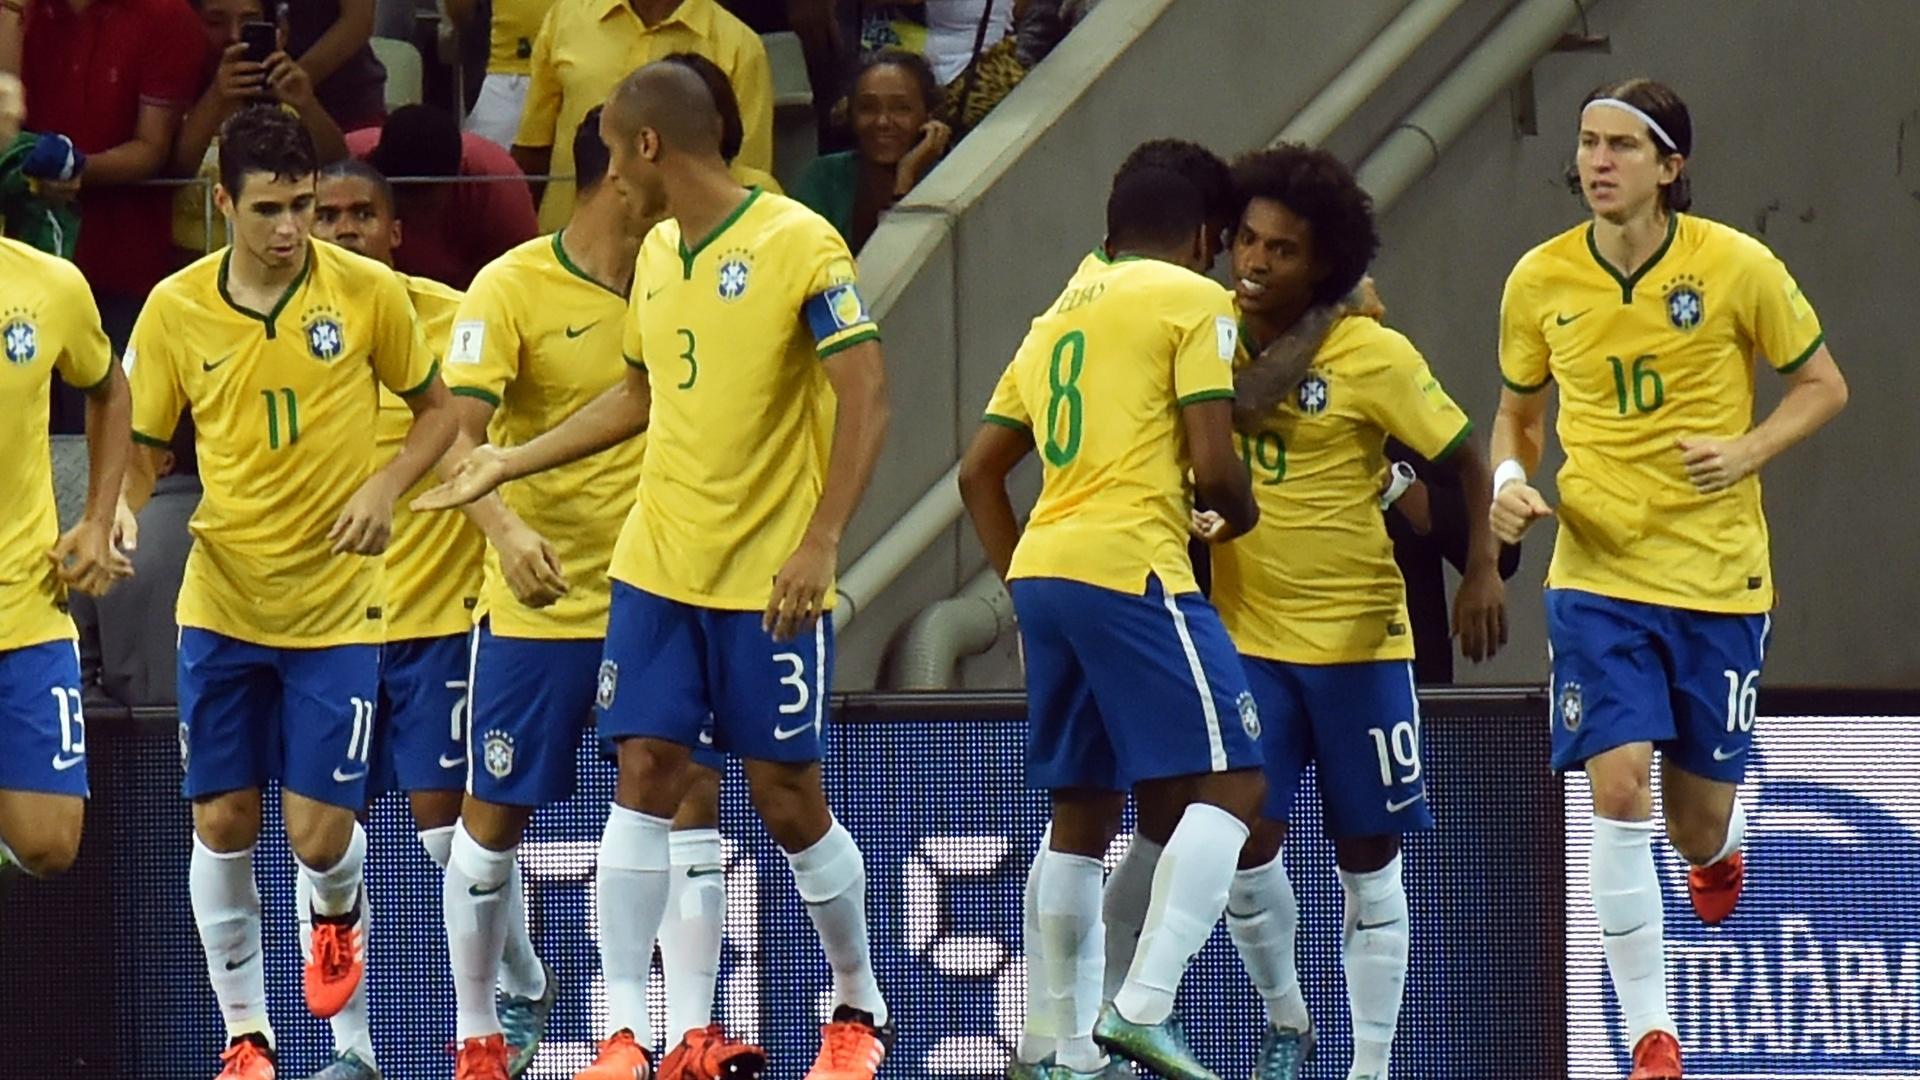 Jogadores da seleção brasileira comemoram gol de Willian contra a Venezuela. Gol aconteceu aos 36 segundos de jogo